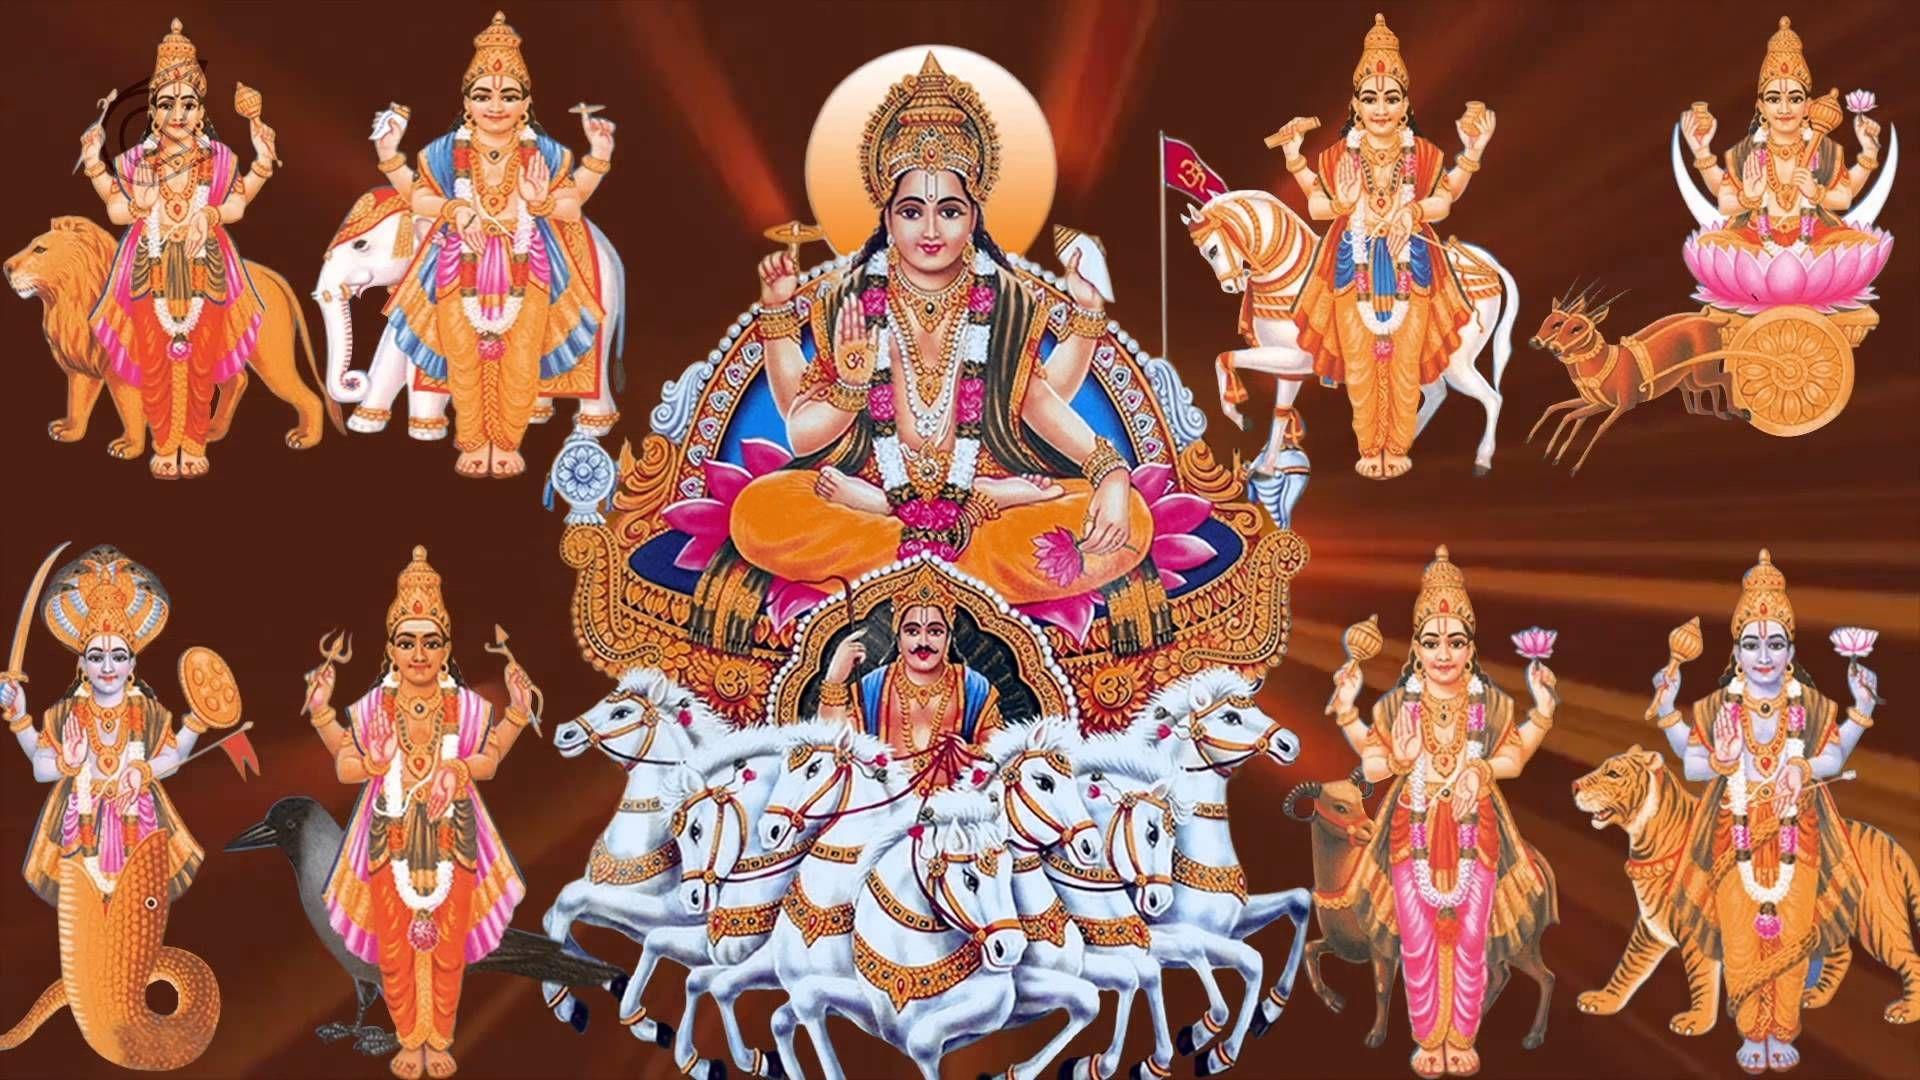 Hindu God Surya Photo